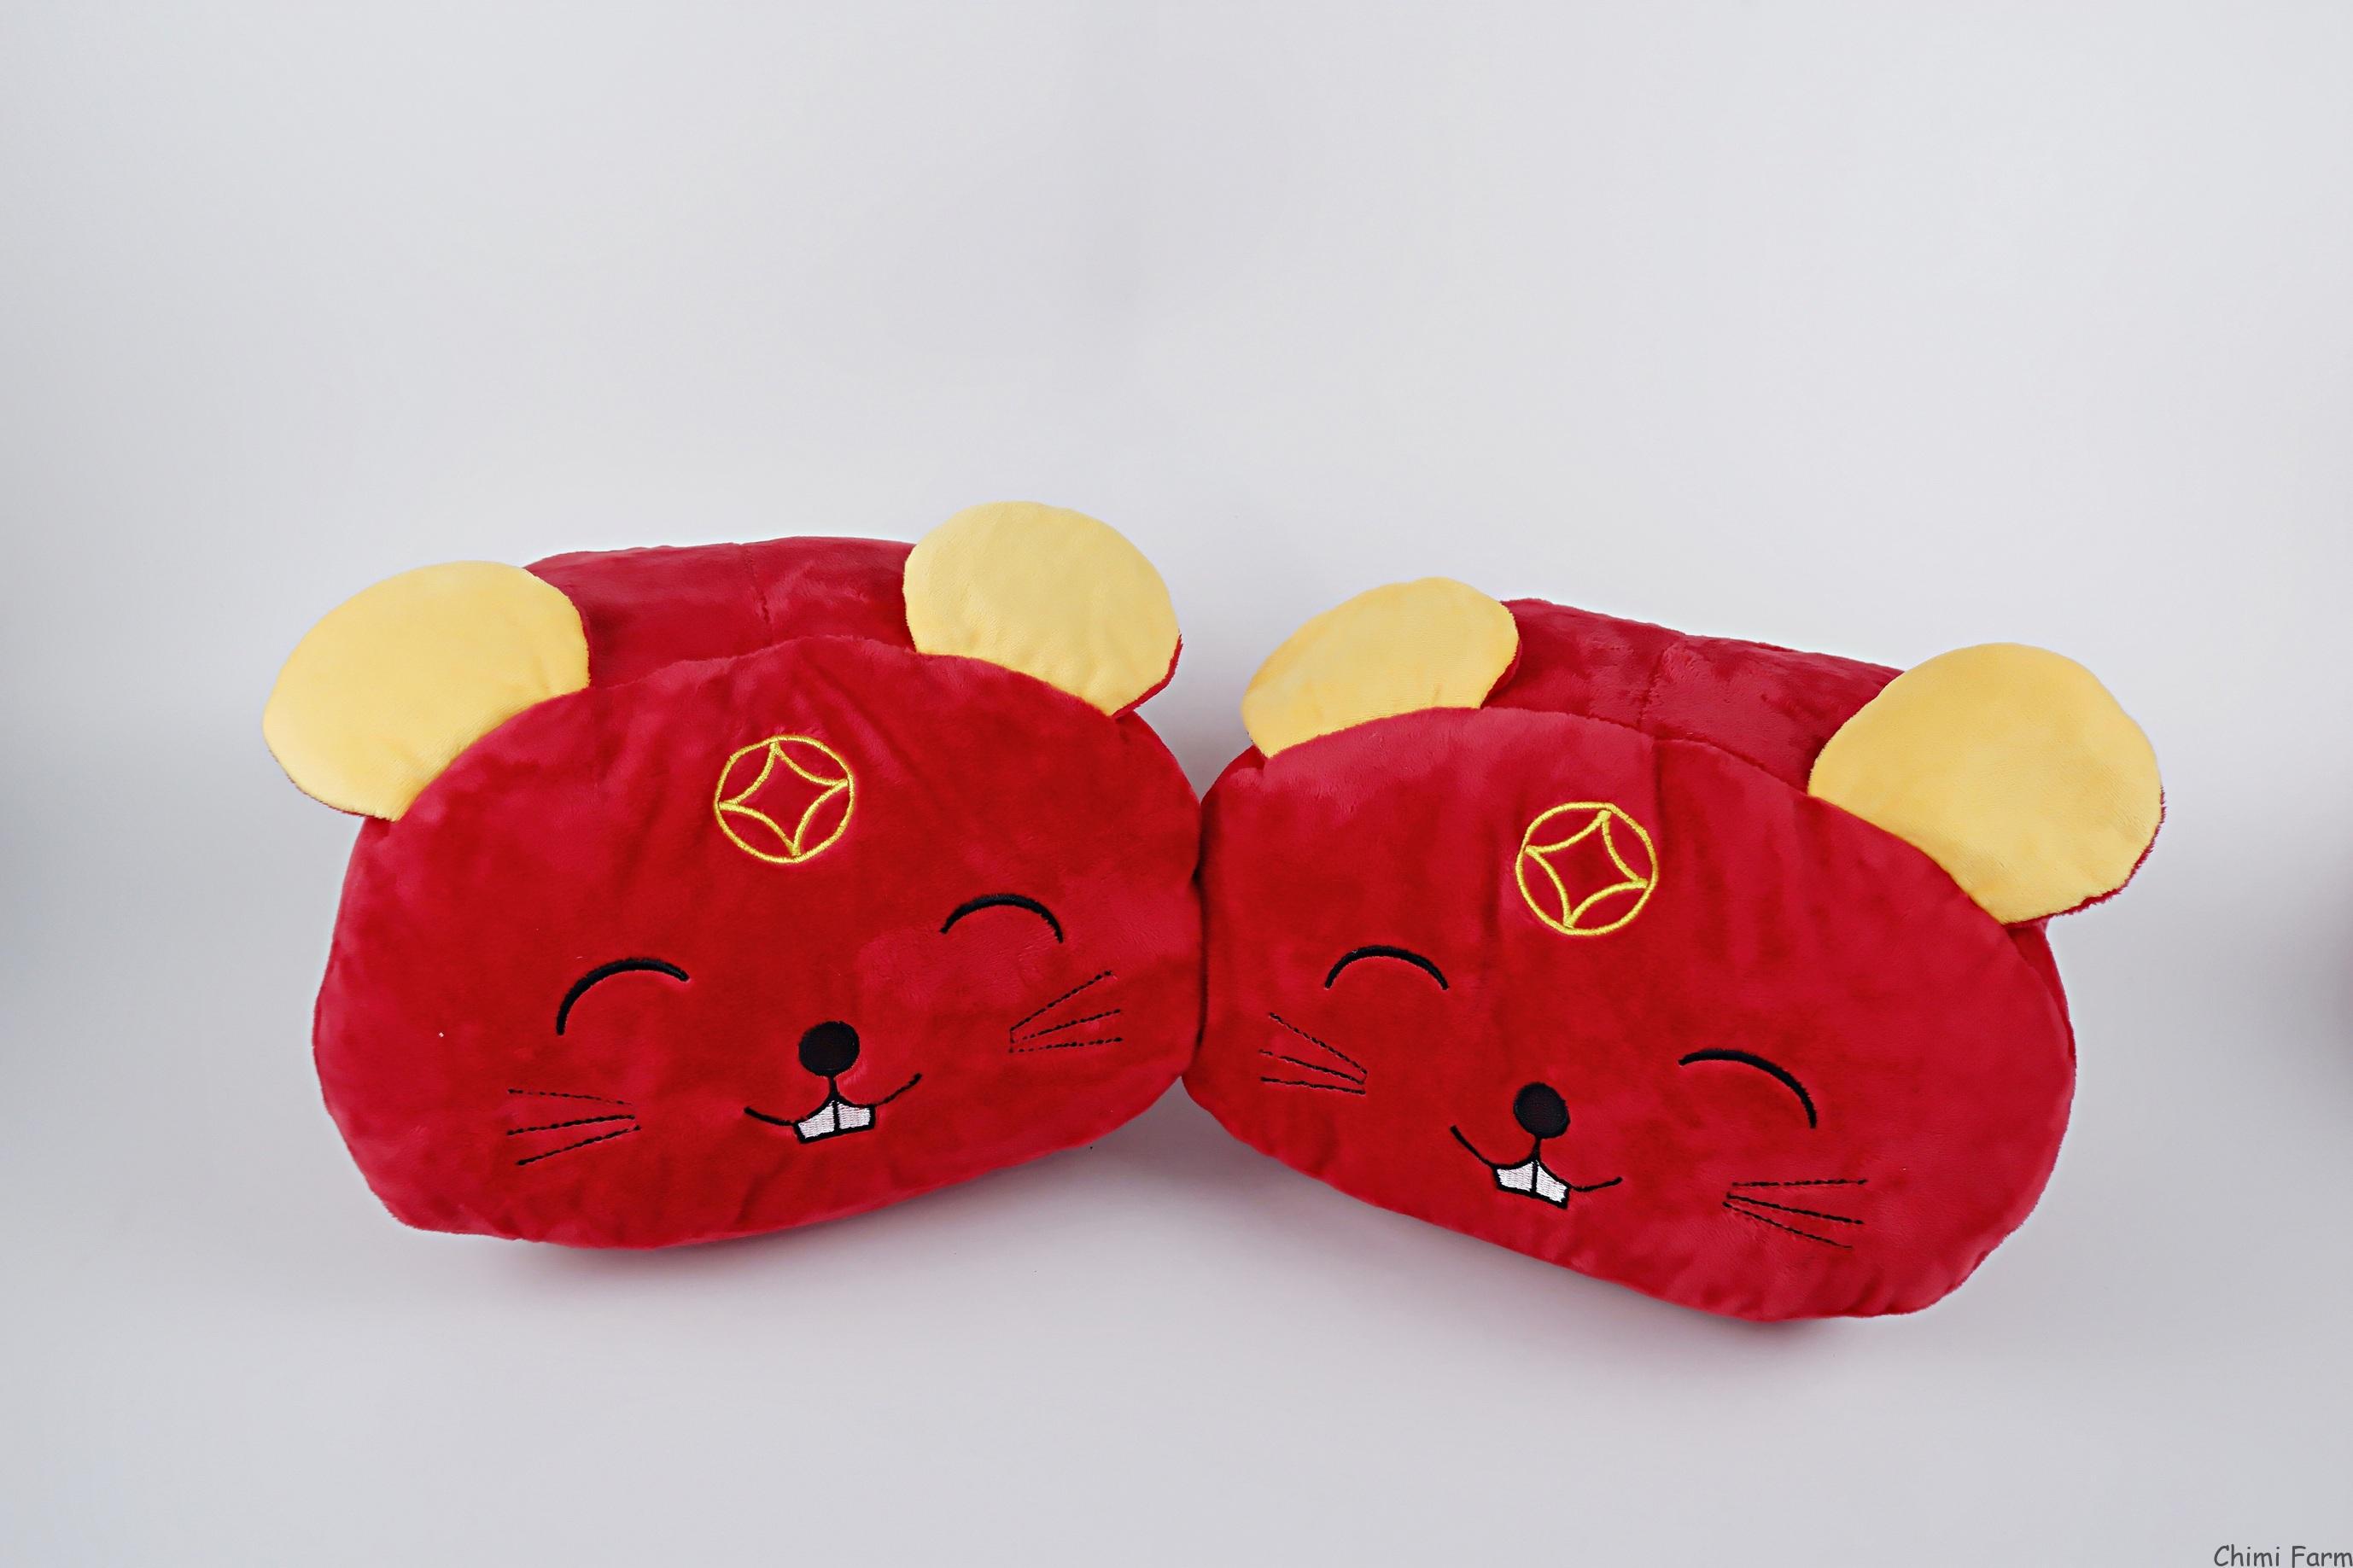 Giữ ấm tay hình gấu đỏ đáng yêu cho mùa đông ấm áp